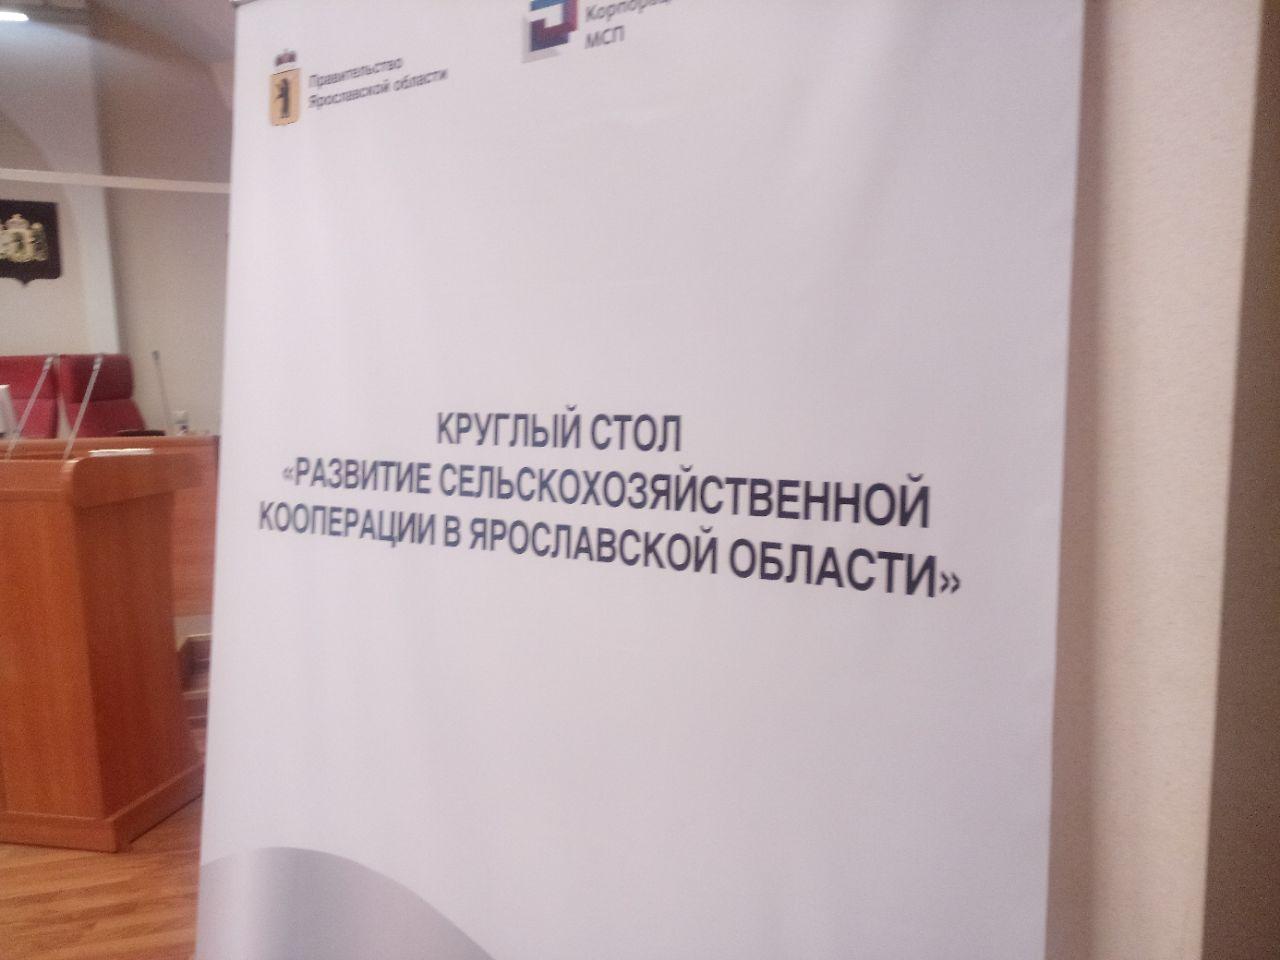 Господдержку с начала года в Ярославской области получили 44 сельхозкооператива